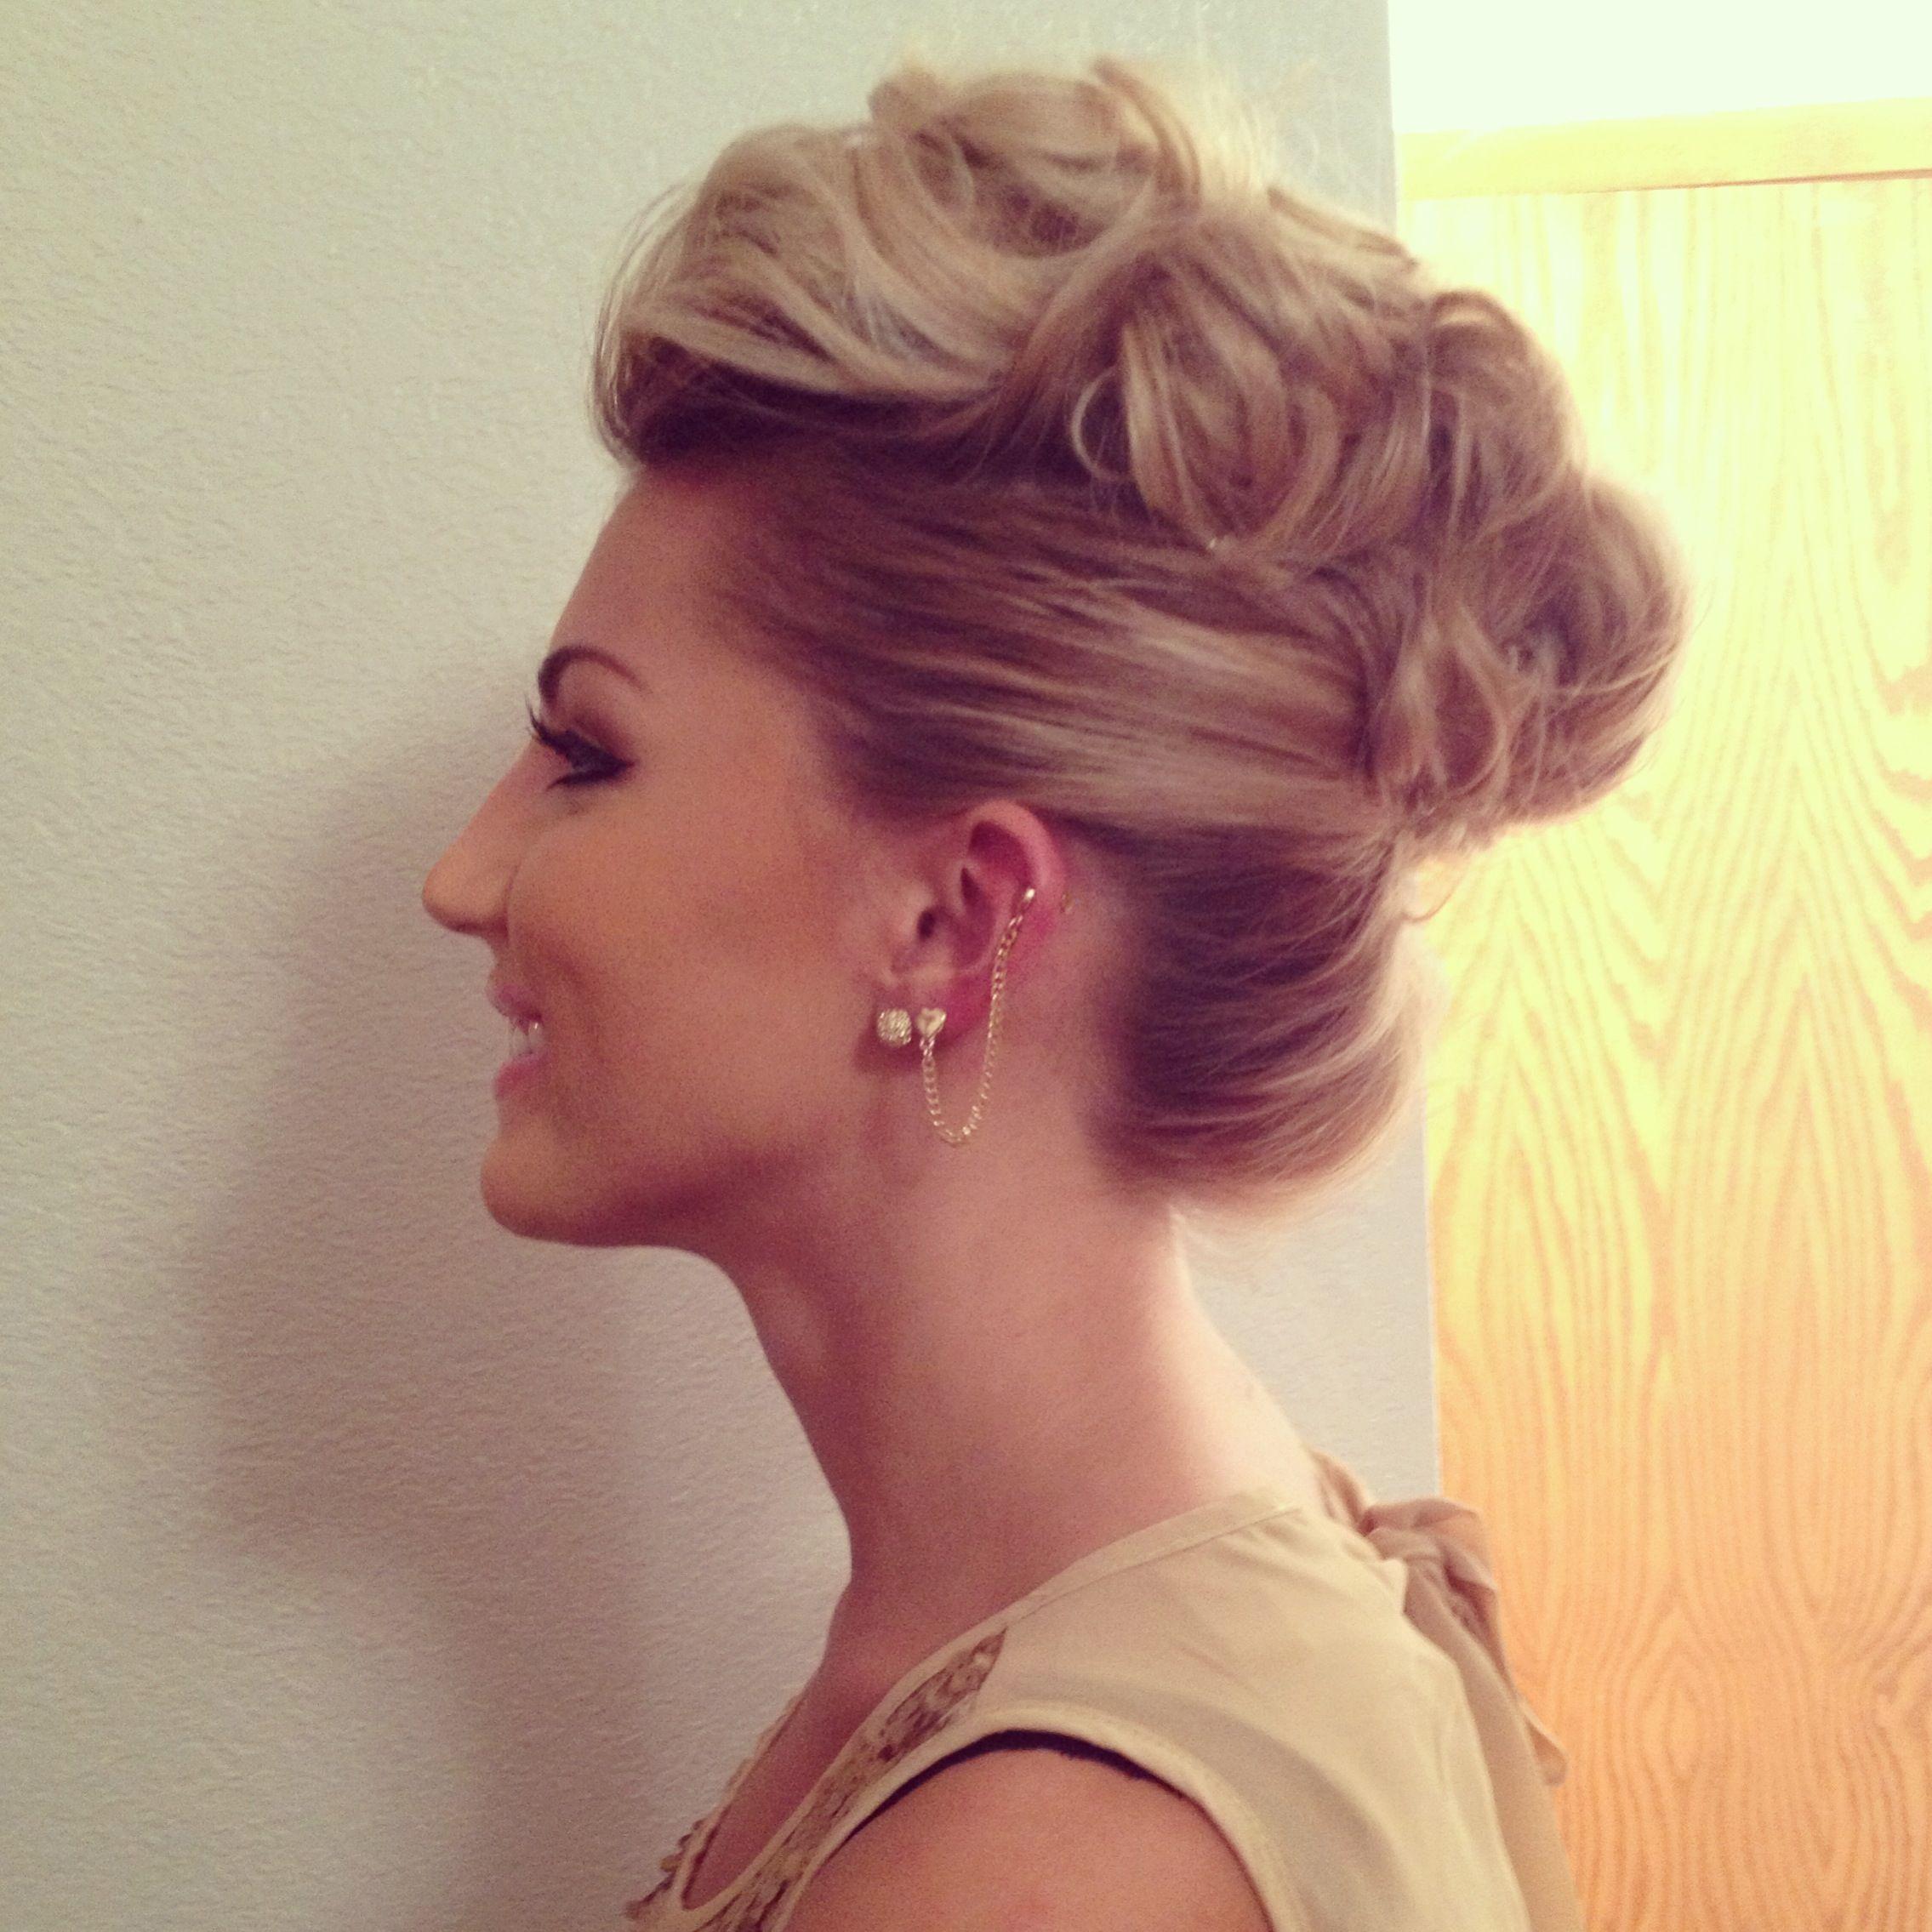 Pleasing Wedding Updo Pompadour Style Hair Pinterest Updo Pompadour Short Hairstyles For Black Women Fulllsitofus